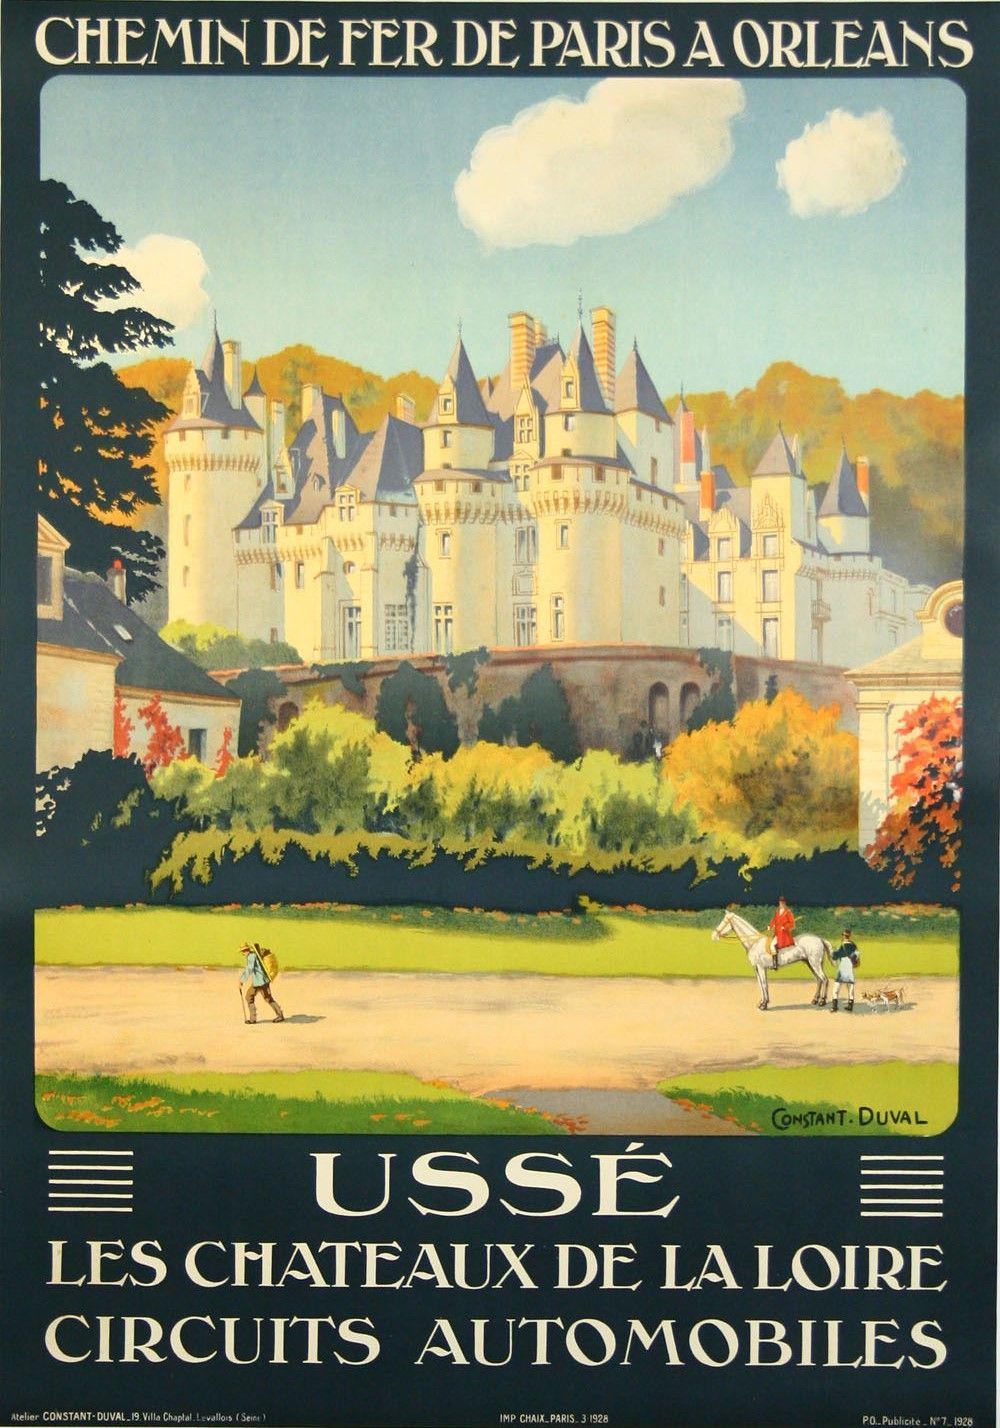 Usse Les Chateaux De La Loire Www Galerie Graglia Others Com Affiche De Voyage Vintage Affiches De Voyage Retro Idee Voyage